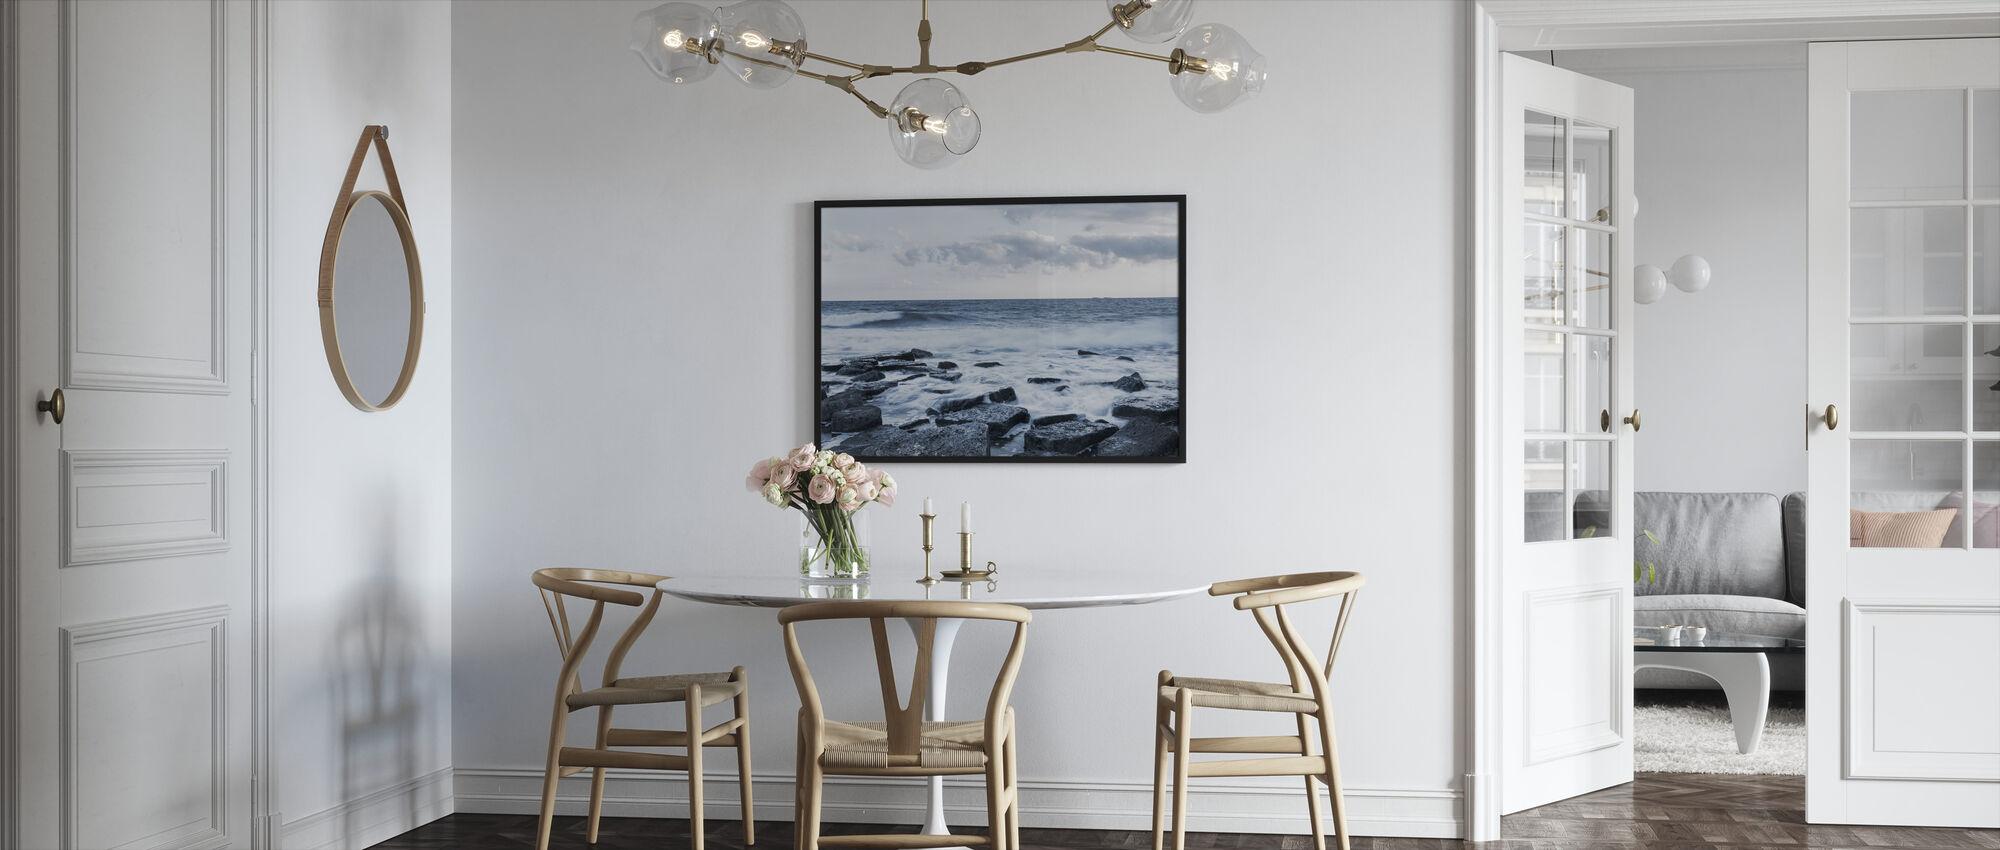 Merimaisemat - Kehystetty kuva - Keittiö